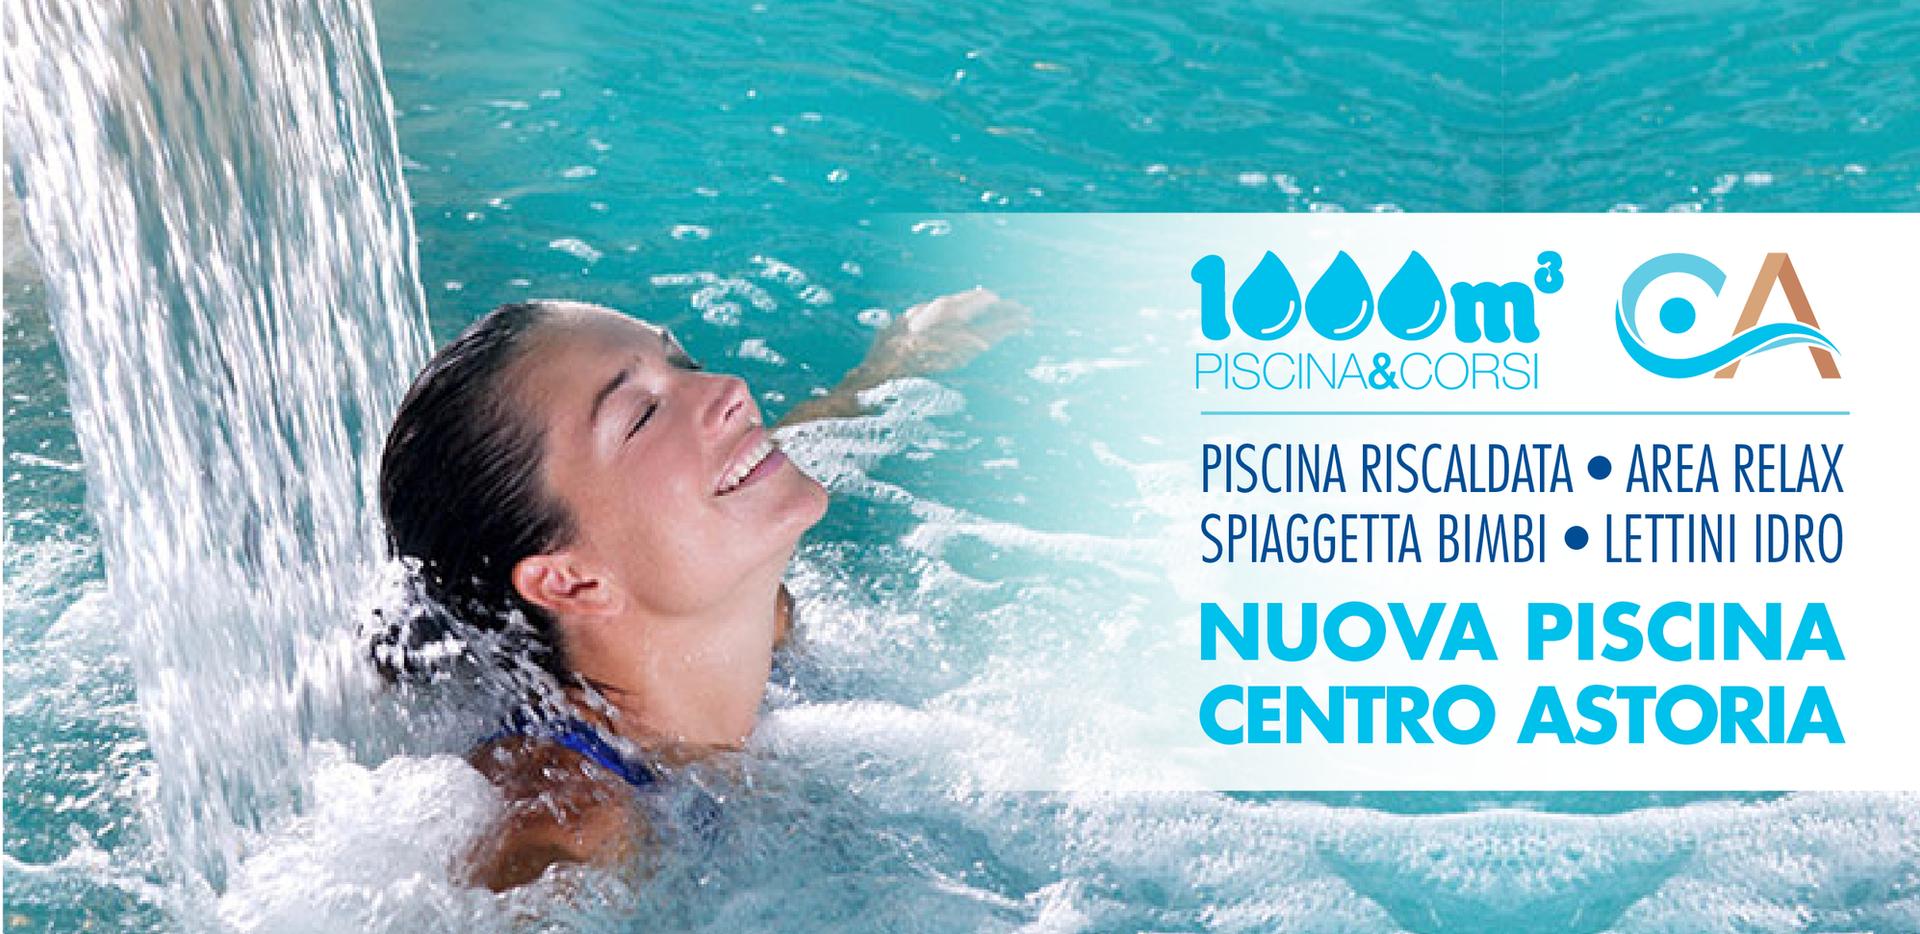 sponsorFB-CA-piscina-02 (003).png